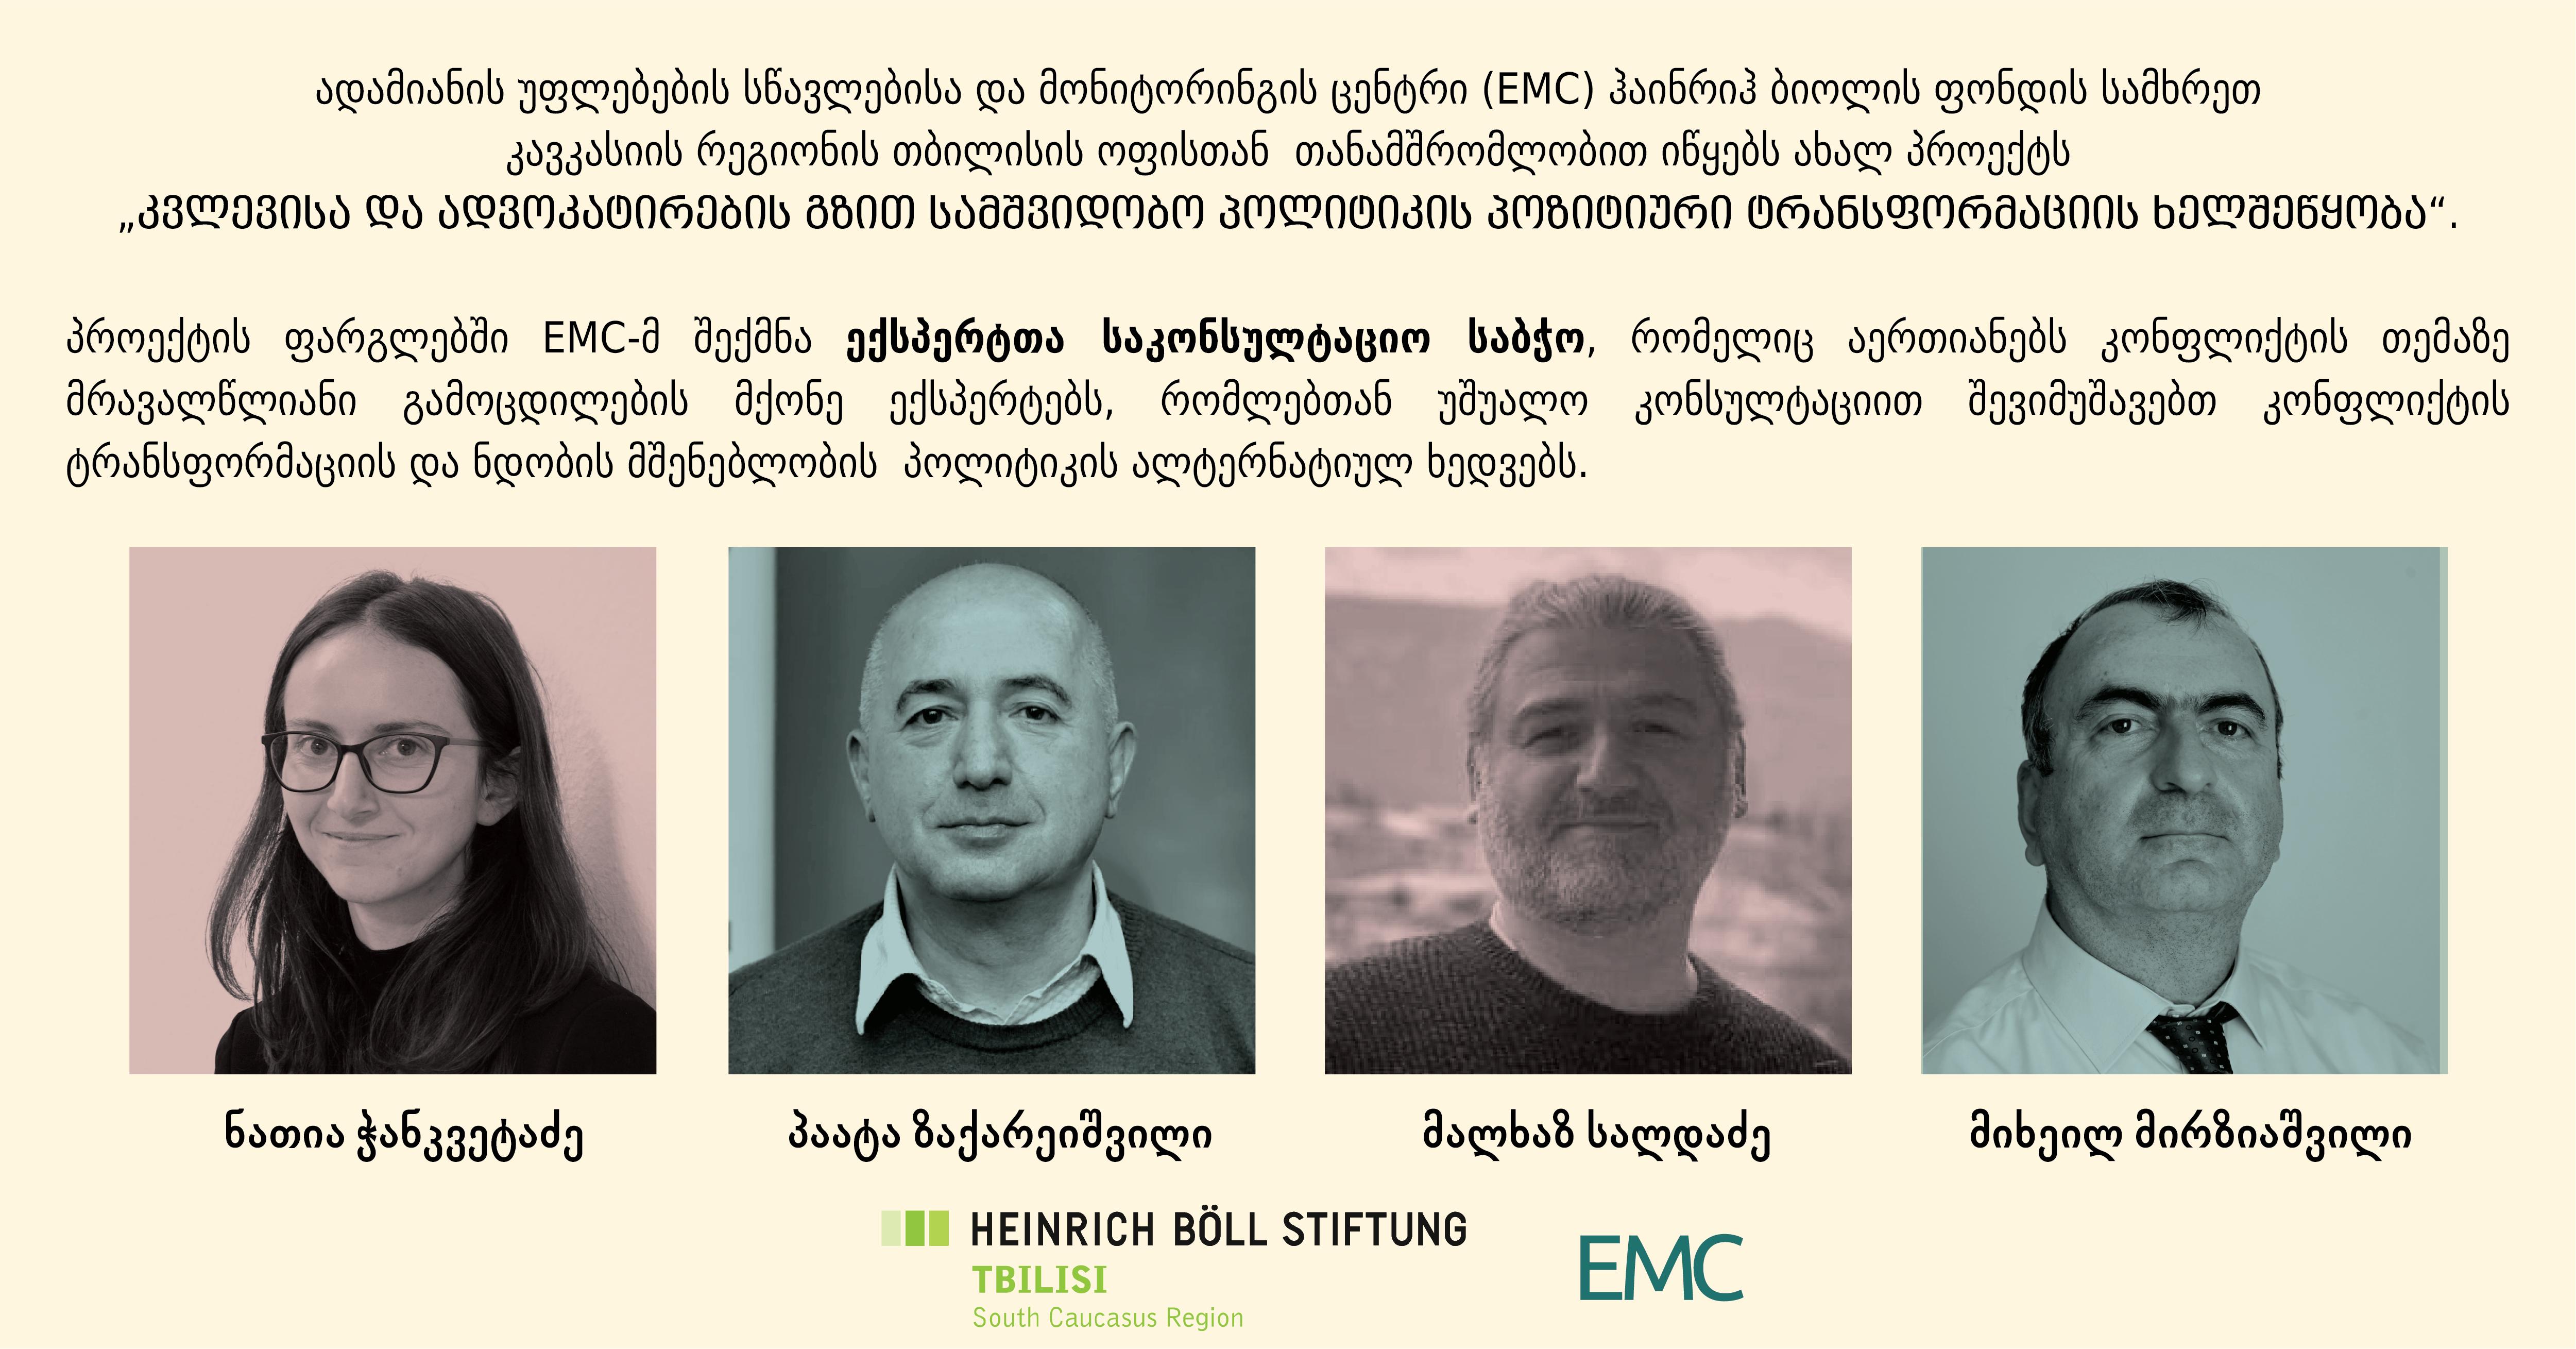 EMC კონფლიქტების ტრანსფორმაციის თემაზე იწყებს ახალ პროექტს